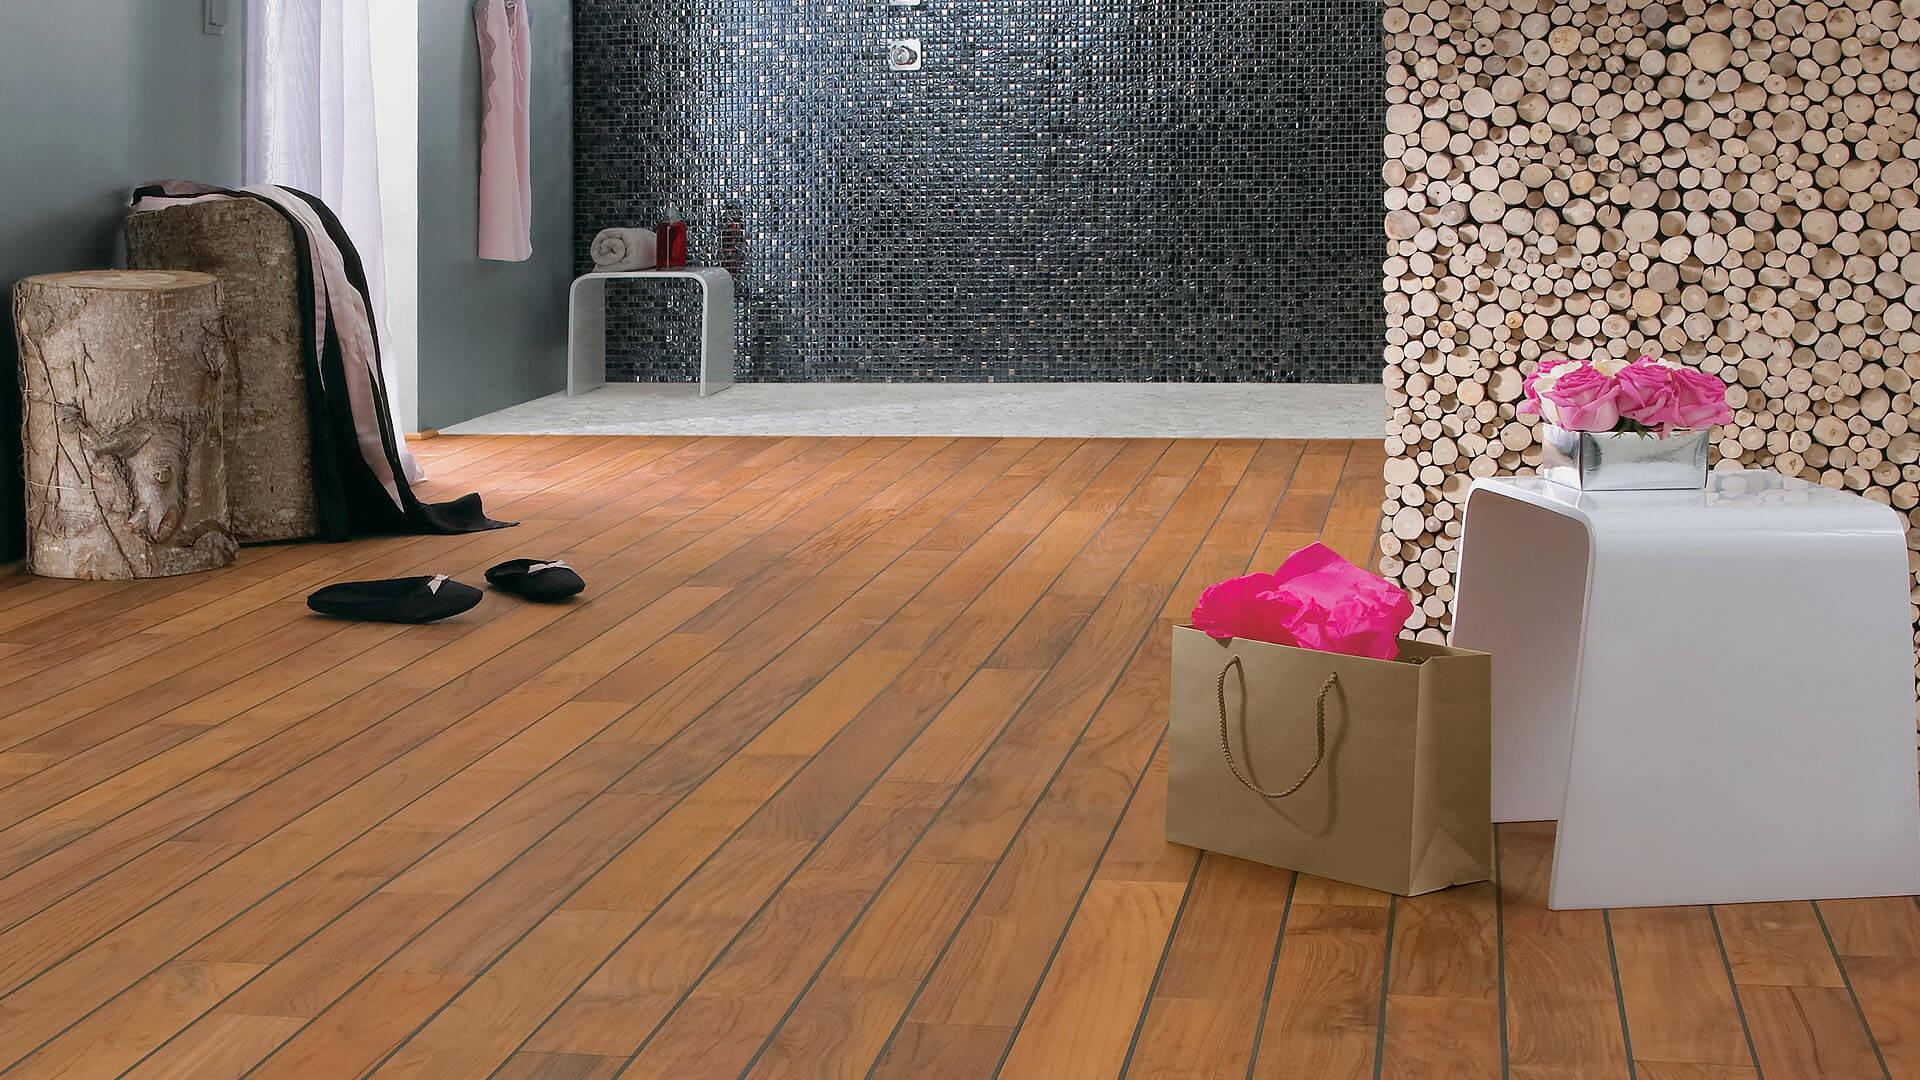 sp cialiste des parquets en seine et marne 77 melun les gr s de cologne. Black Bedroom Furniture Sets. Home Design Ideas